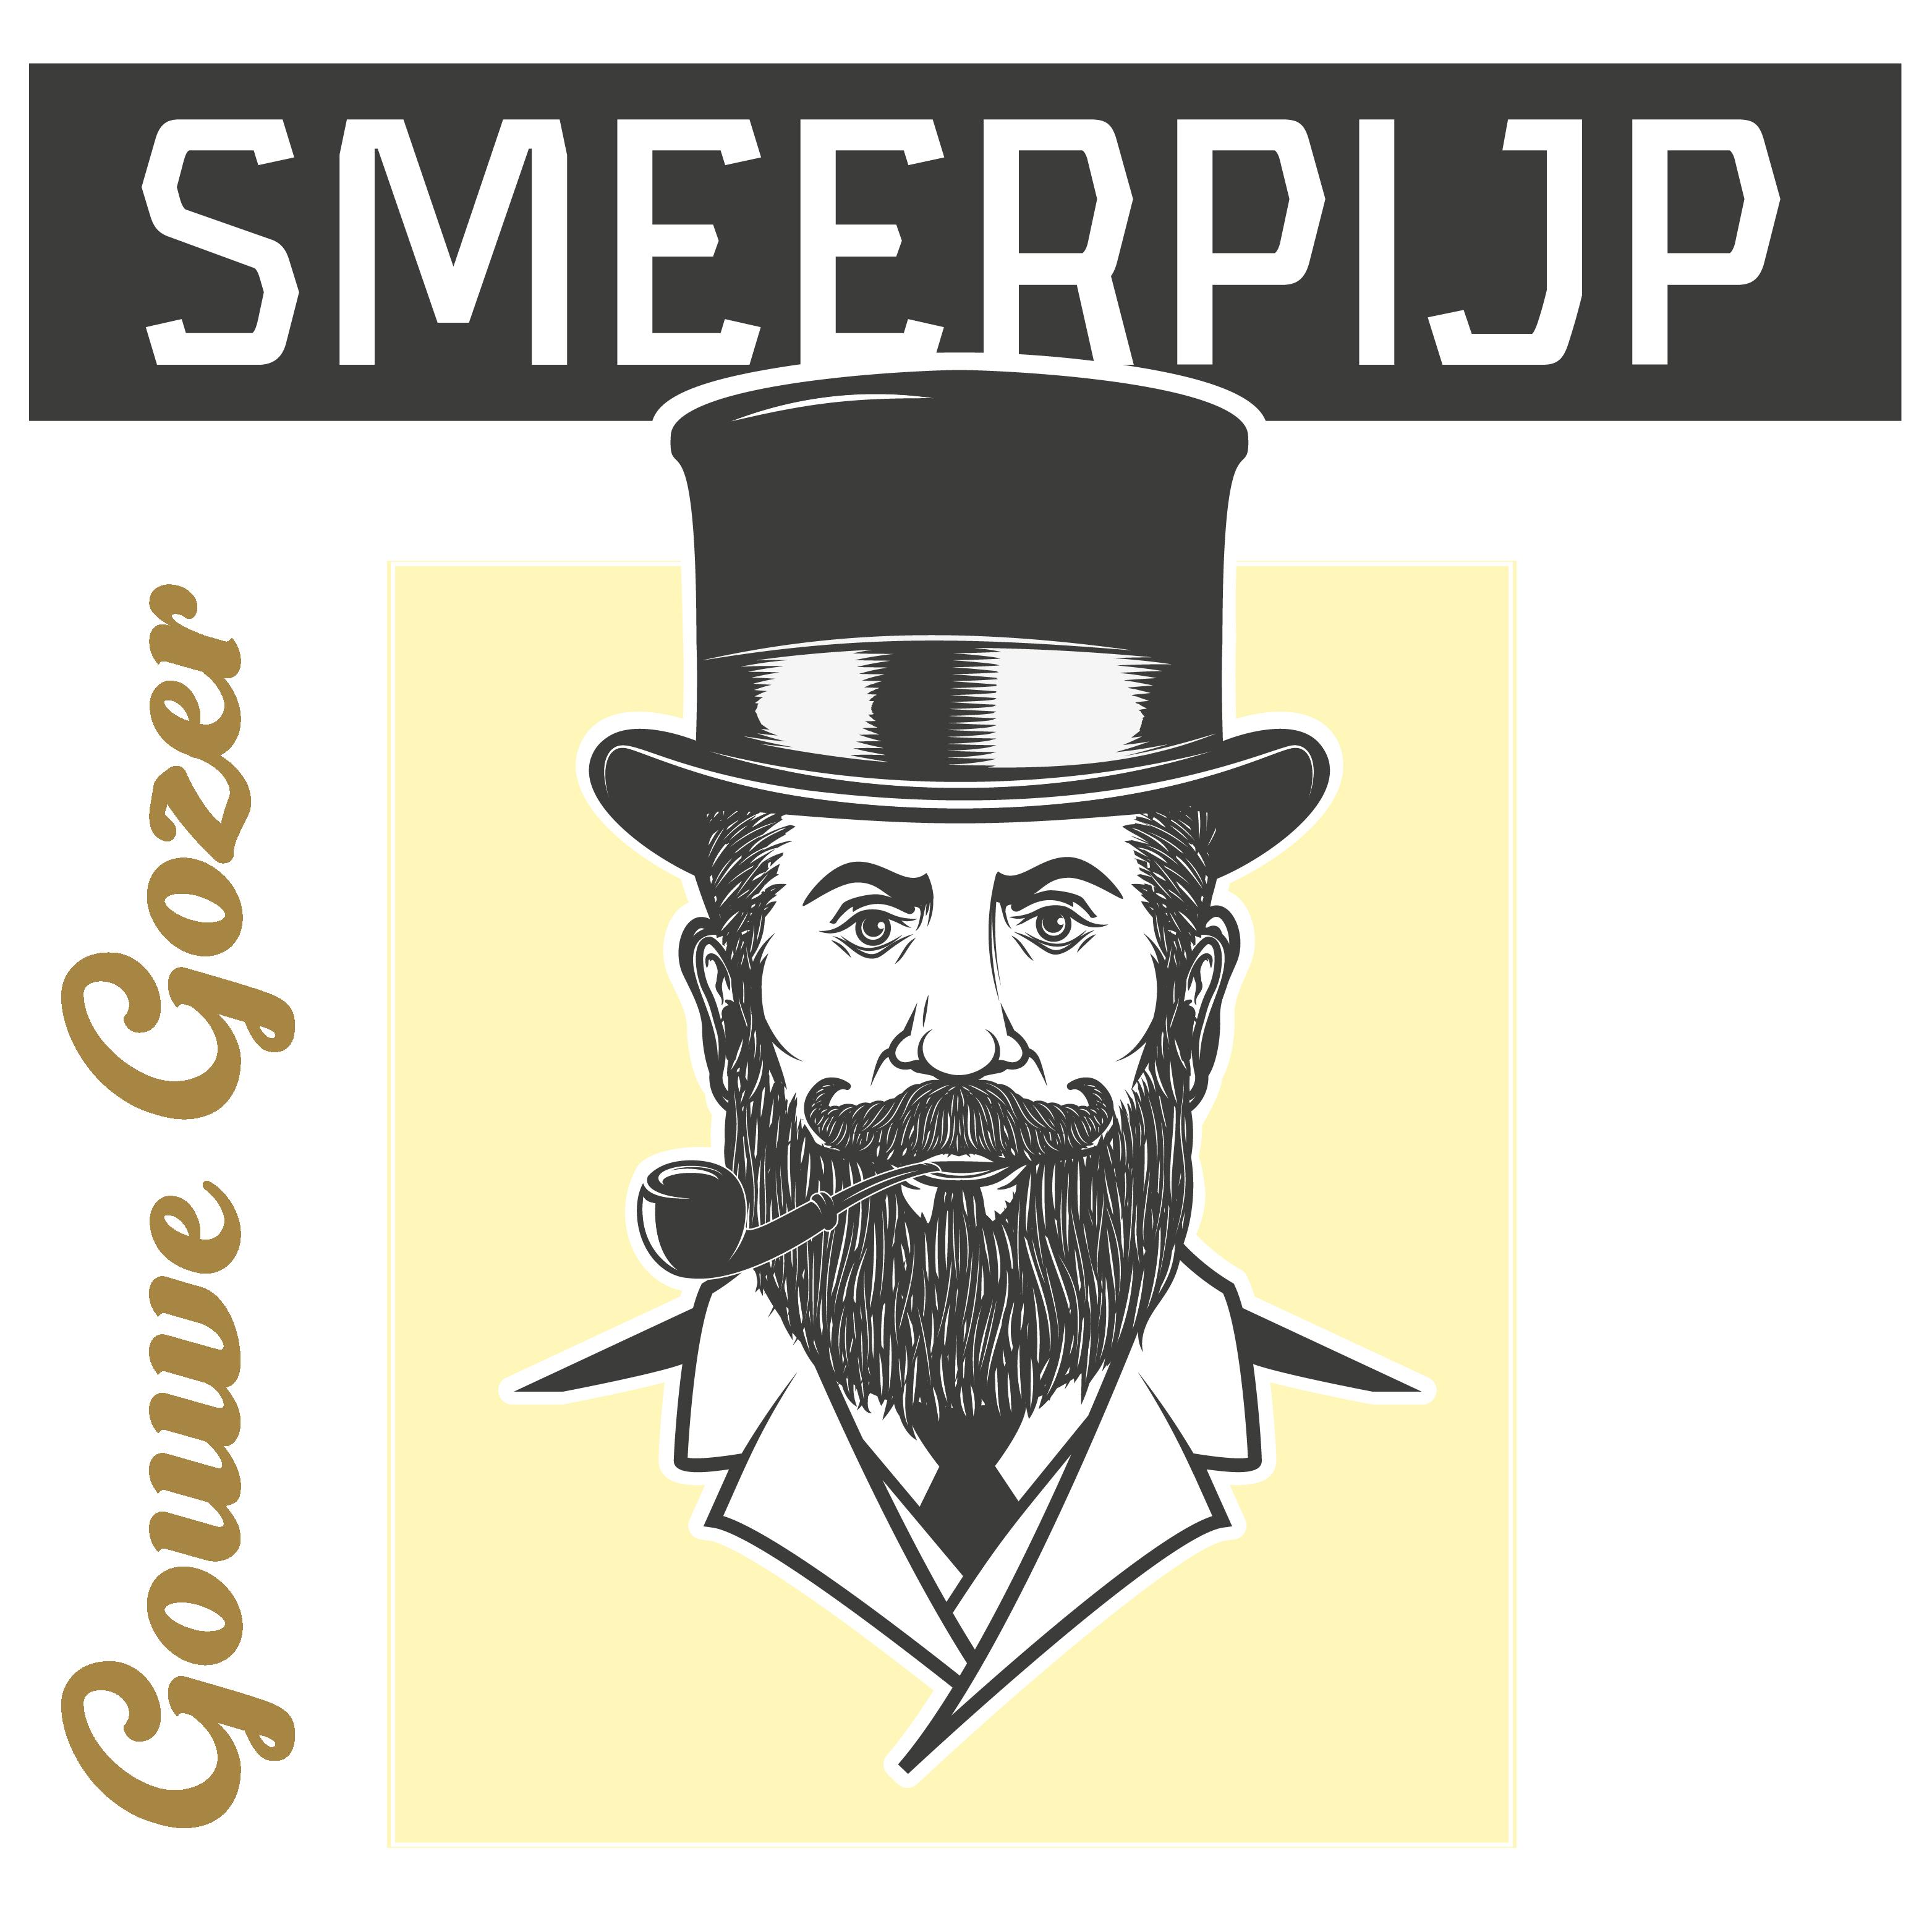 logo-smeerpijp-vierkant_Gouwe Gozer